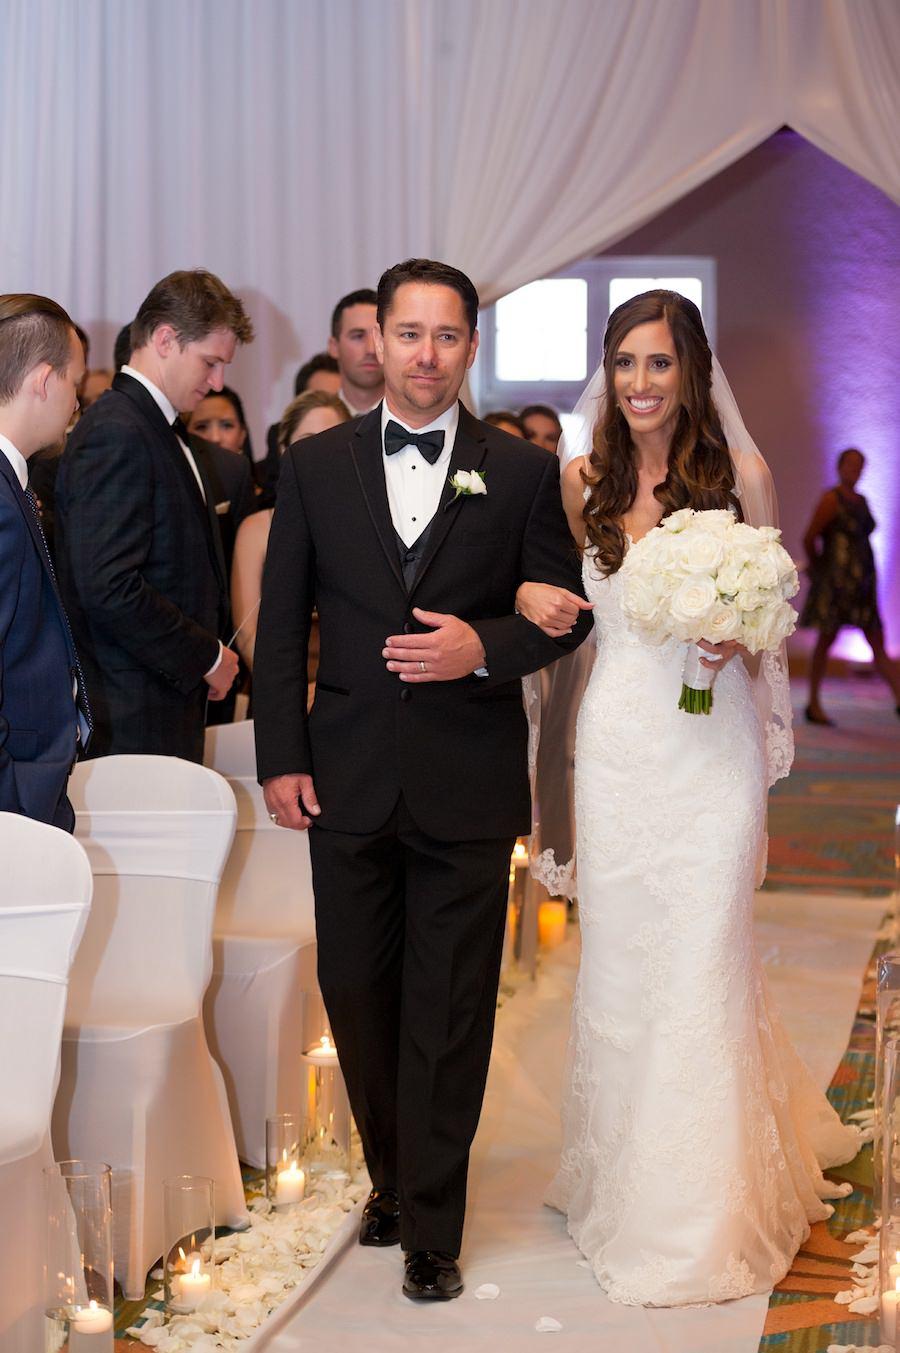 Bride Walking Down the Aisle Wedding Portrait | St. Pete Wedding Ceremony at Vinoy Renaissance